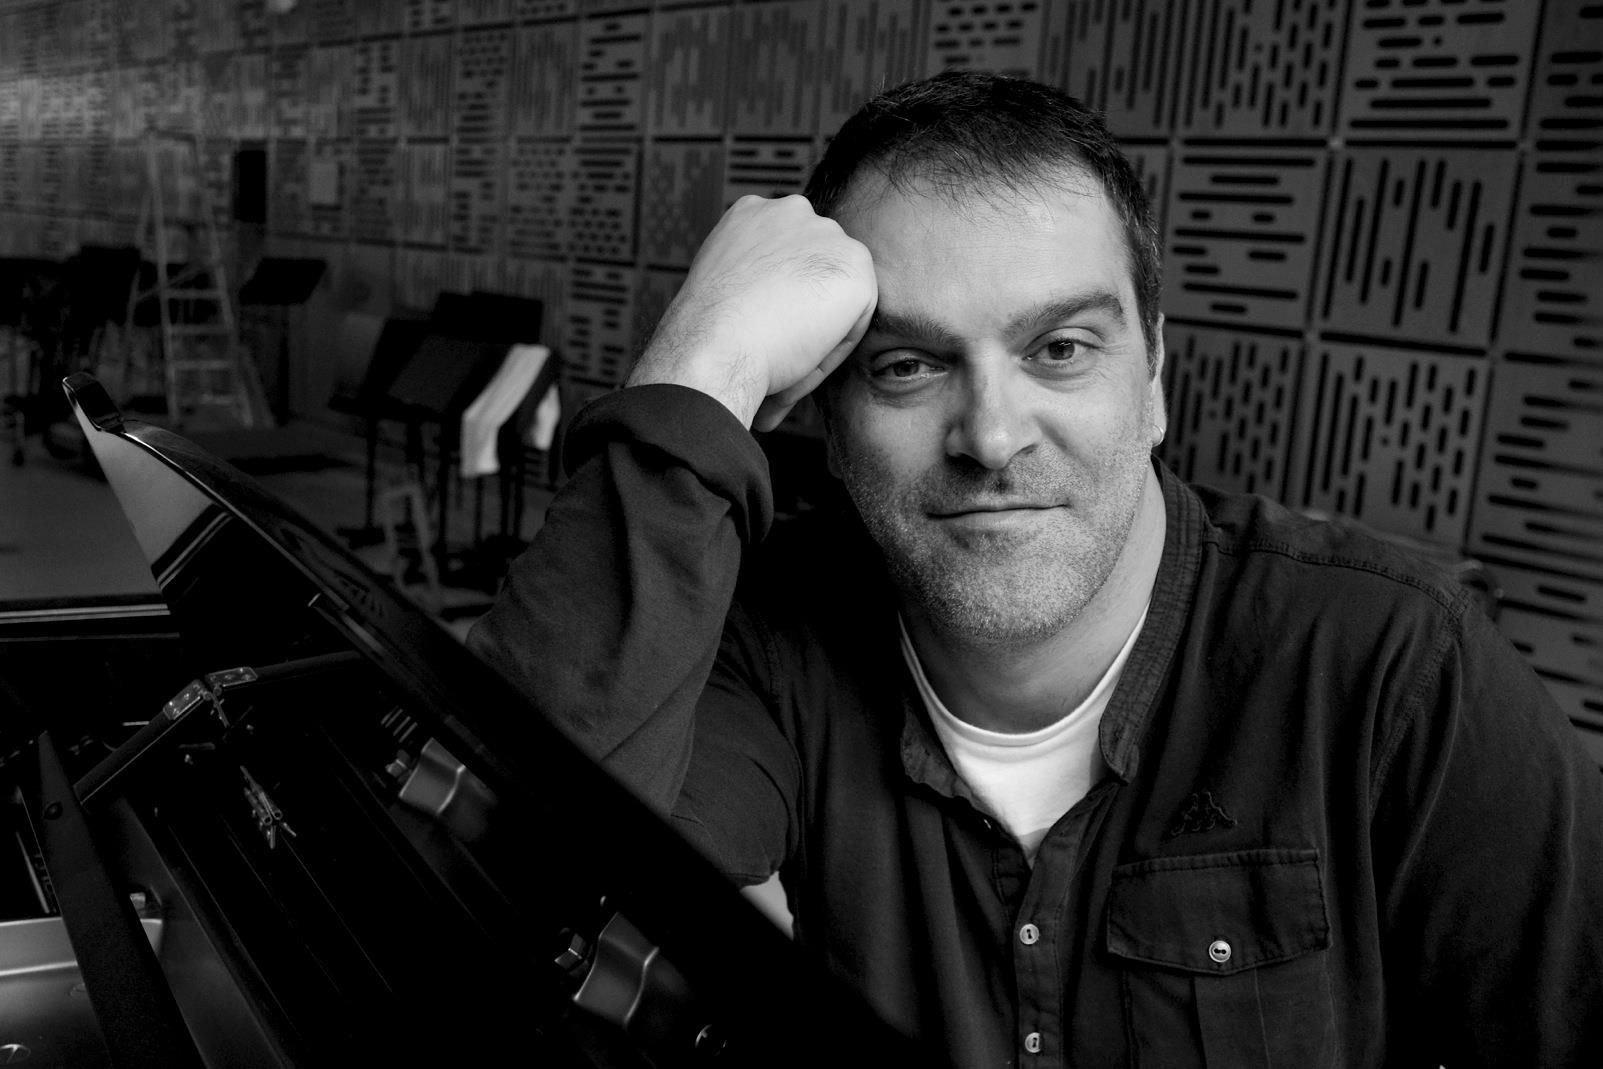 Video intervista esclusiva a Piero Pretti: il grande tenore lirico nuorese torna nella terra dei tenores